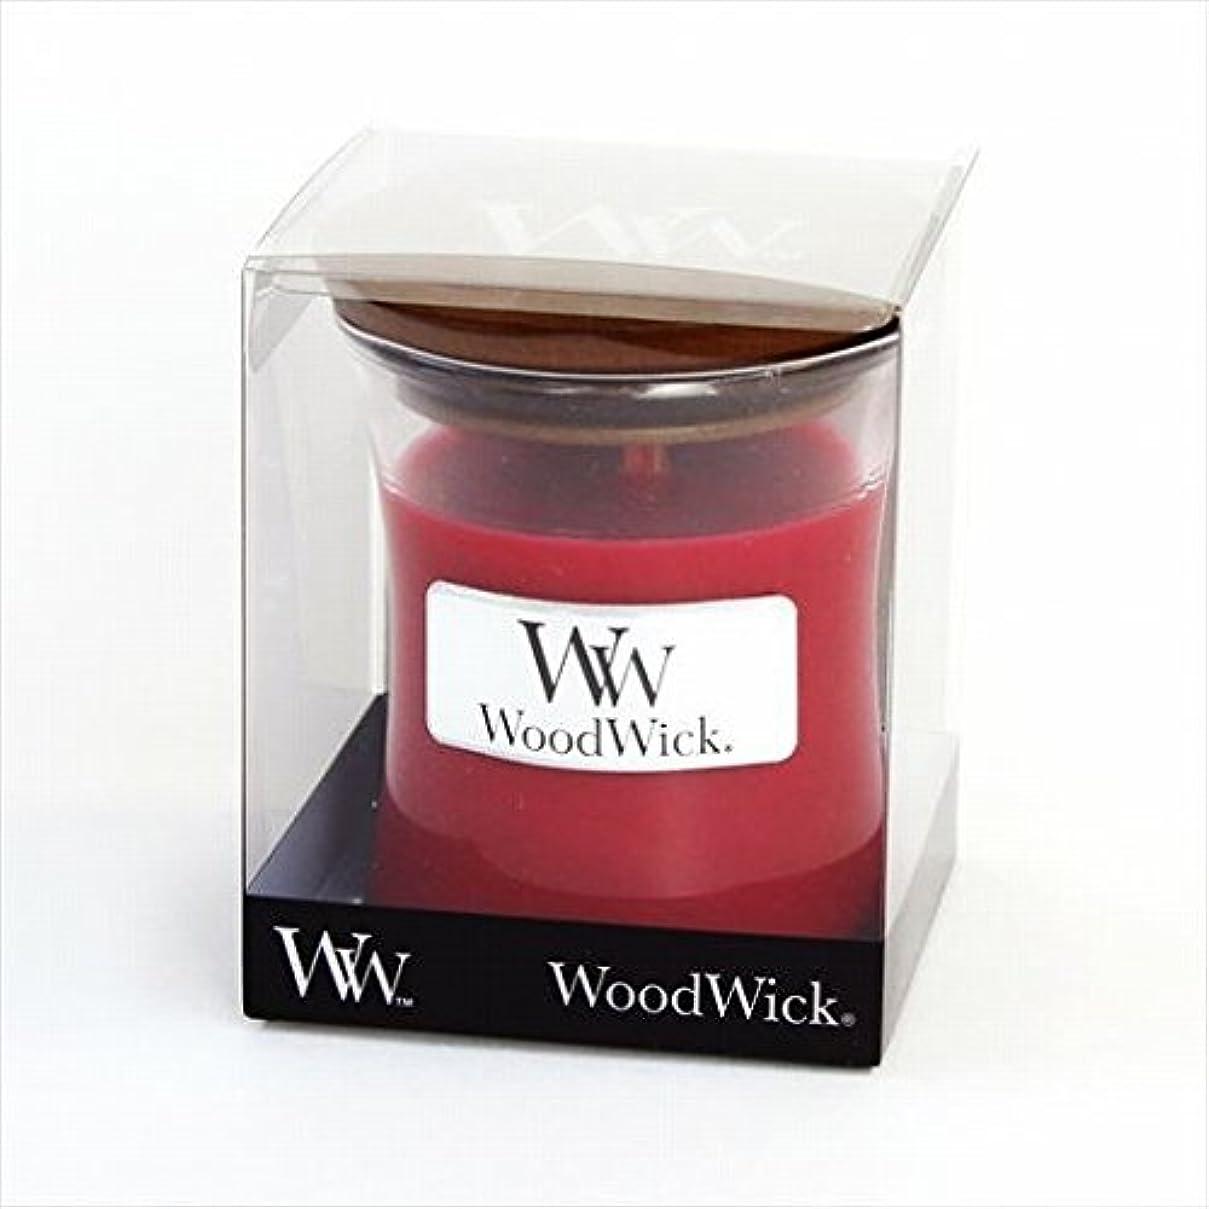 結晶特異なずっとカメヤマキャンドル( kameyama candle ) Wood Wick ジャーS 「 カラント 」